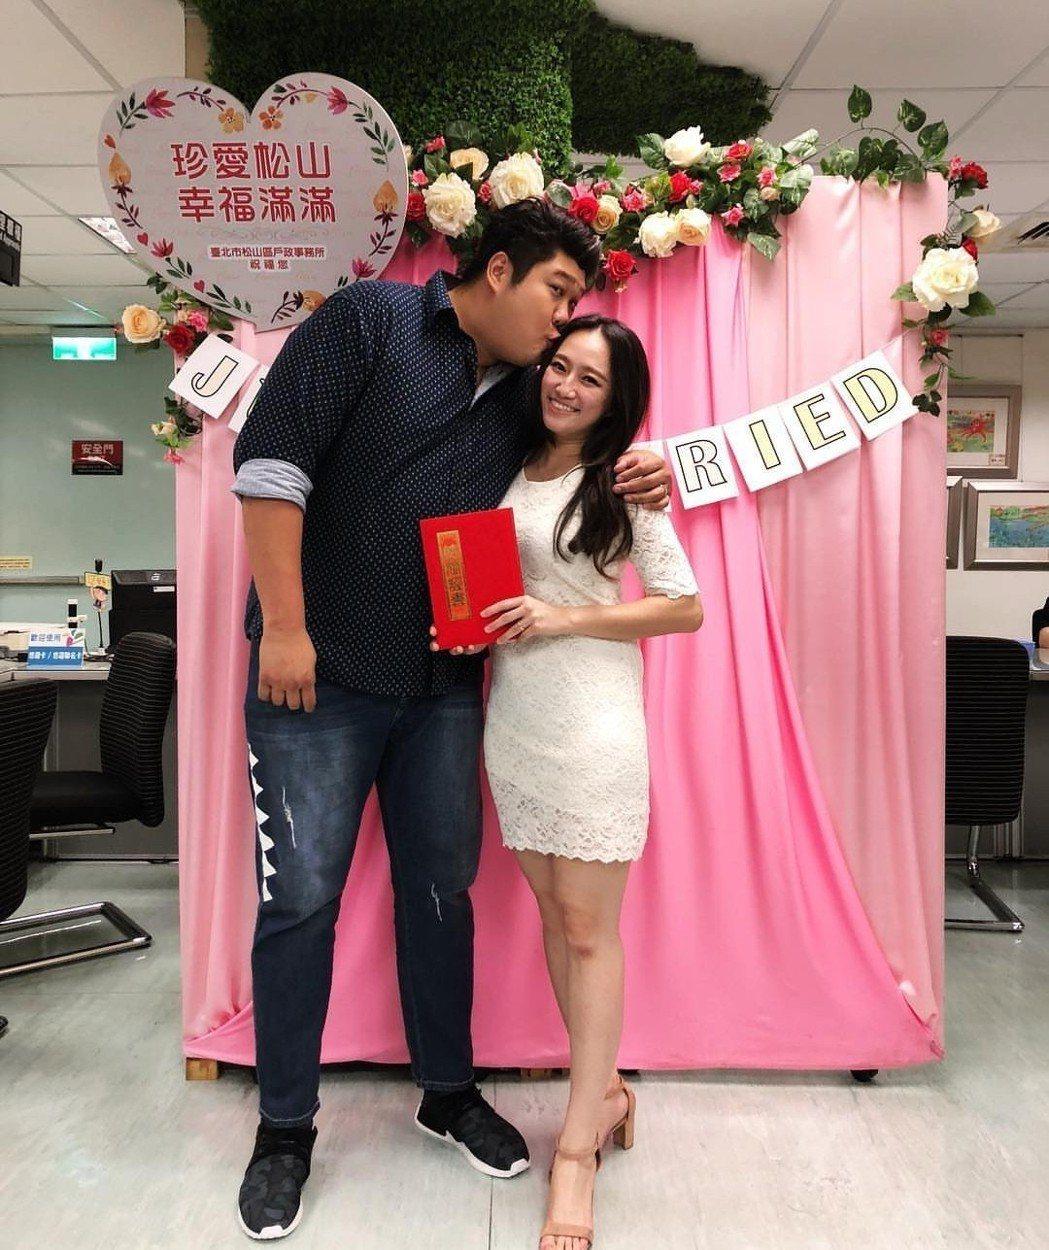 哈孝遠上個月與瑄瑄登記結婚。圖/摘自IG